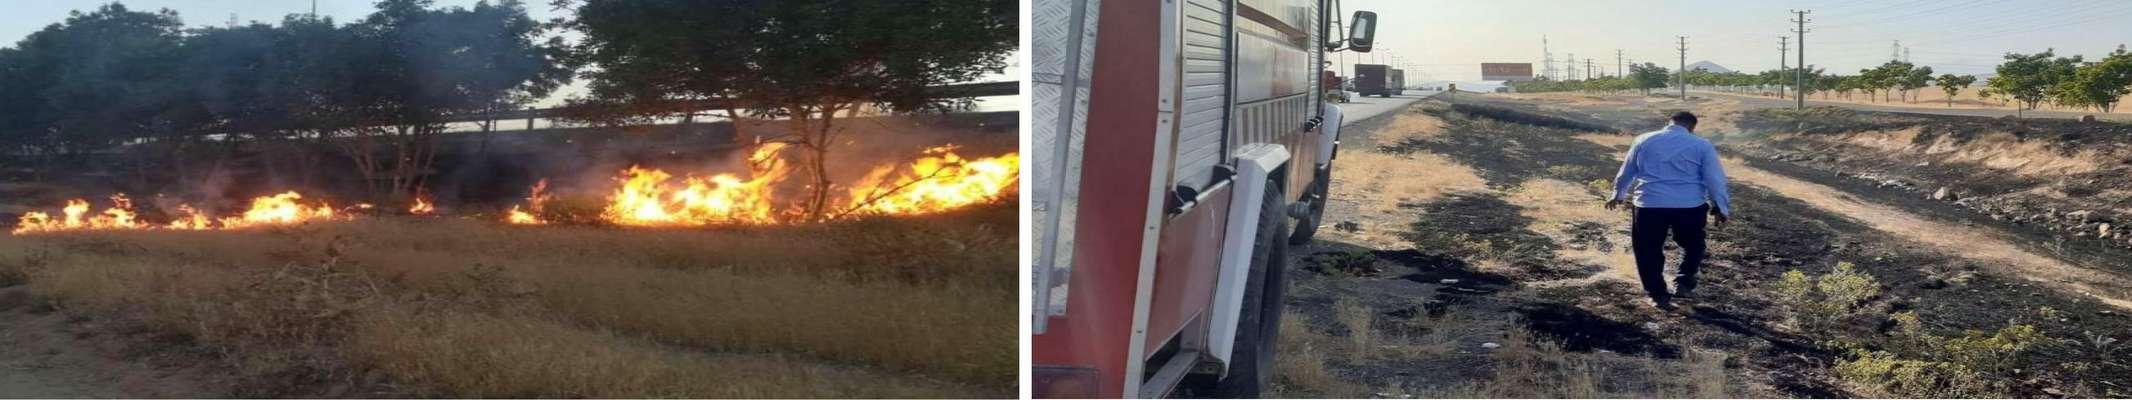 با تلاش کارکنان گروه ایمنی نیروگاه شهید رجایی؛آتش افتاده به جان درختان خاموش شد